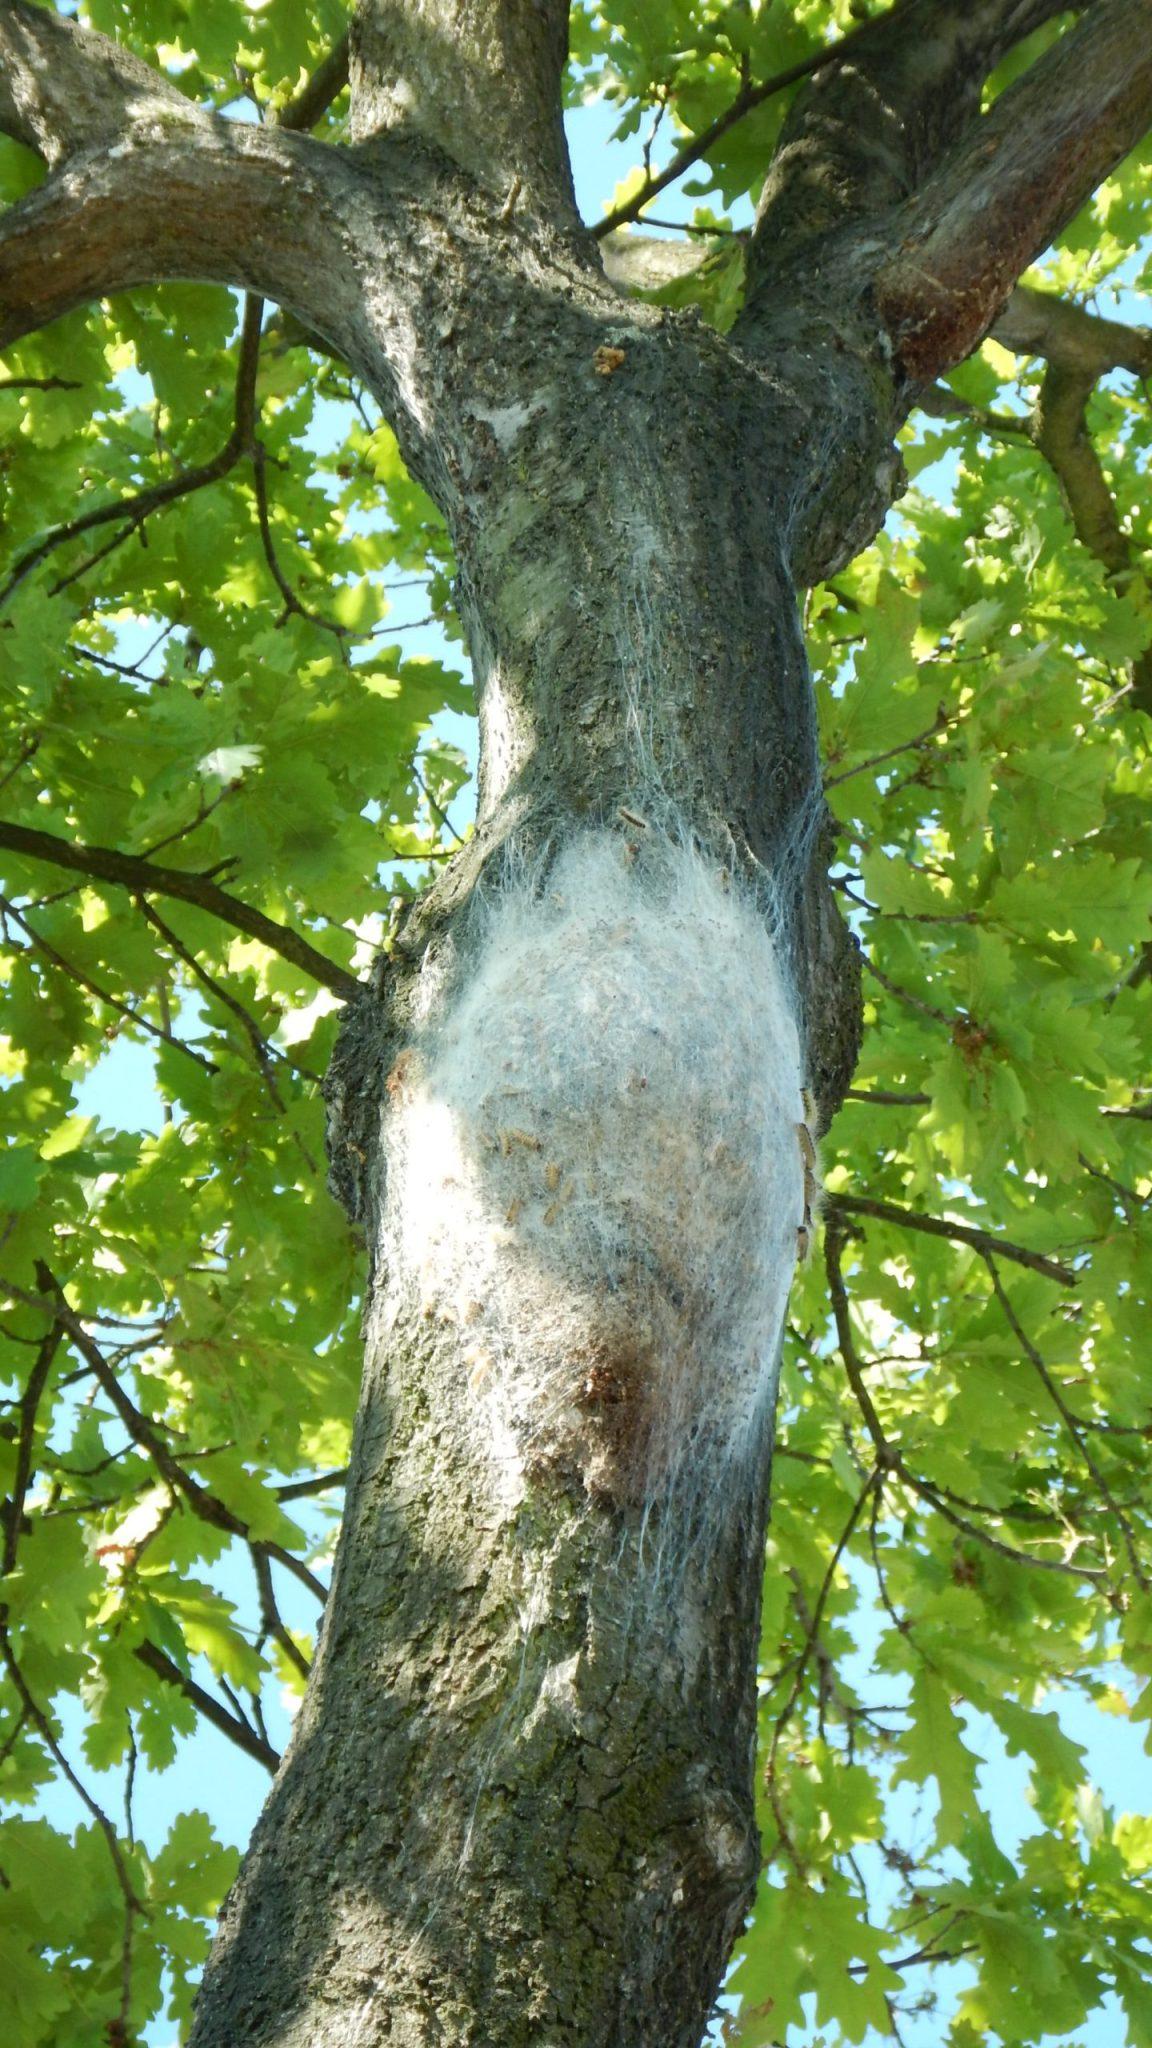 Monitoring eikenprocessierups 4defase nest